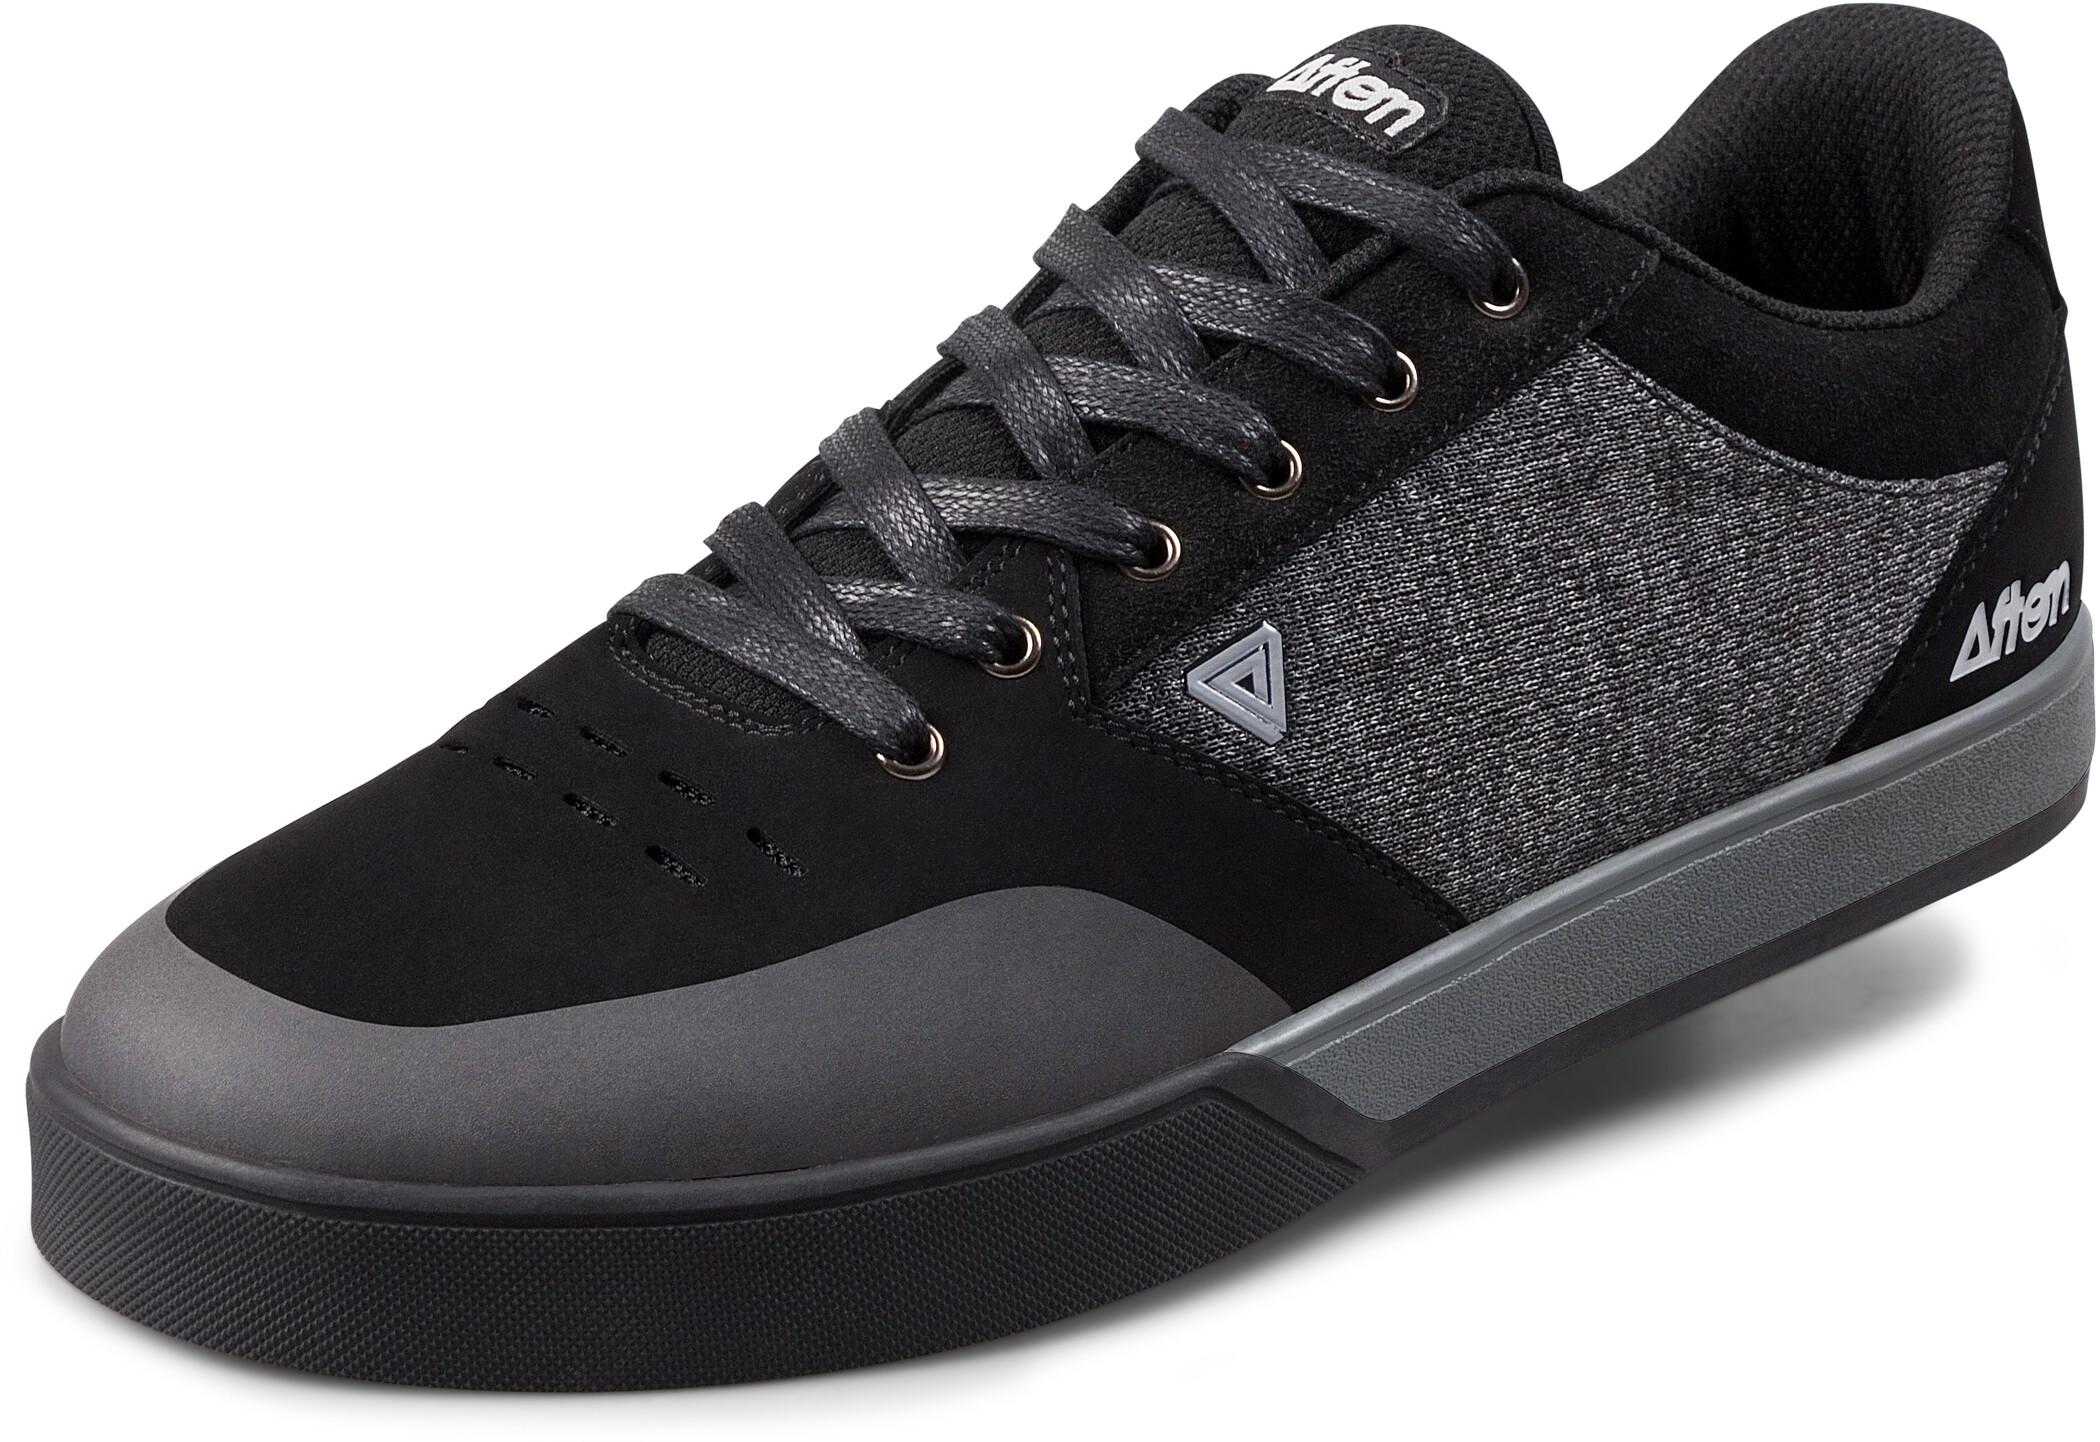 Afton Shoes Keegan Sko Herrer, black/heathered | Sko